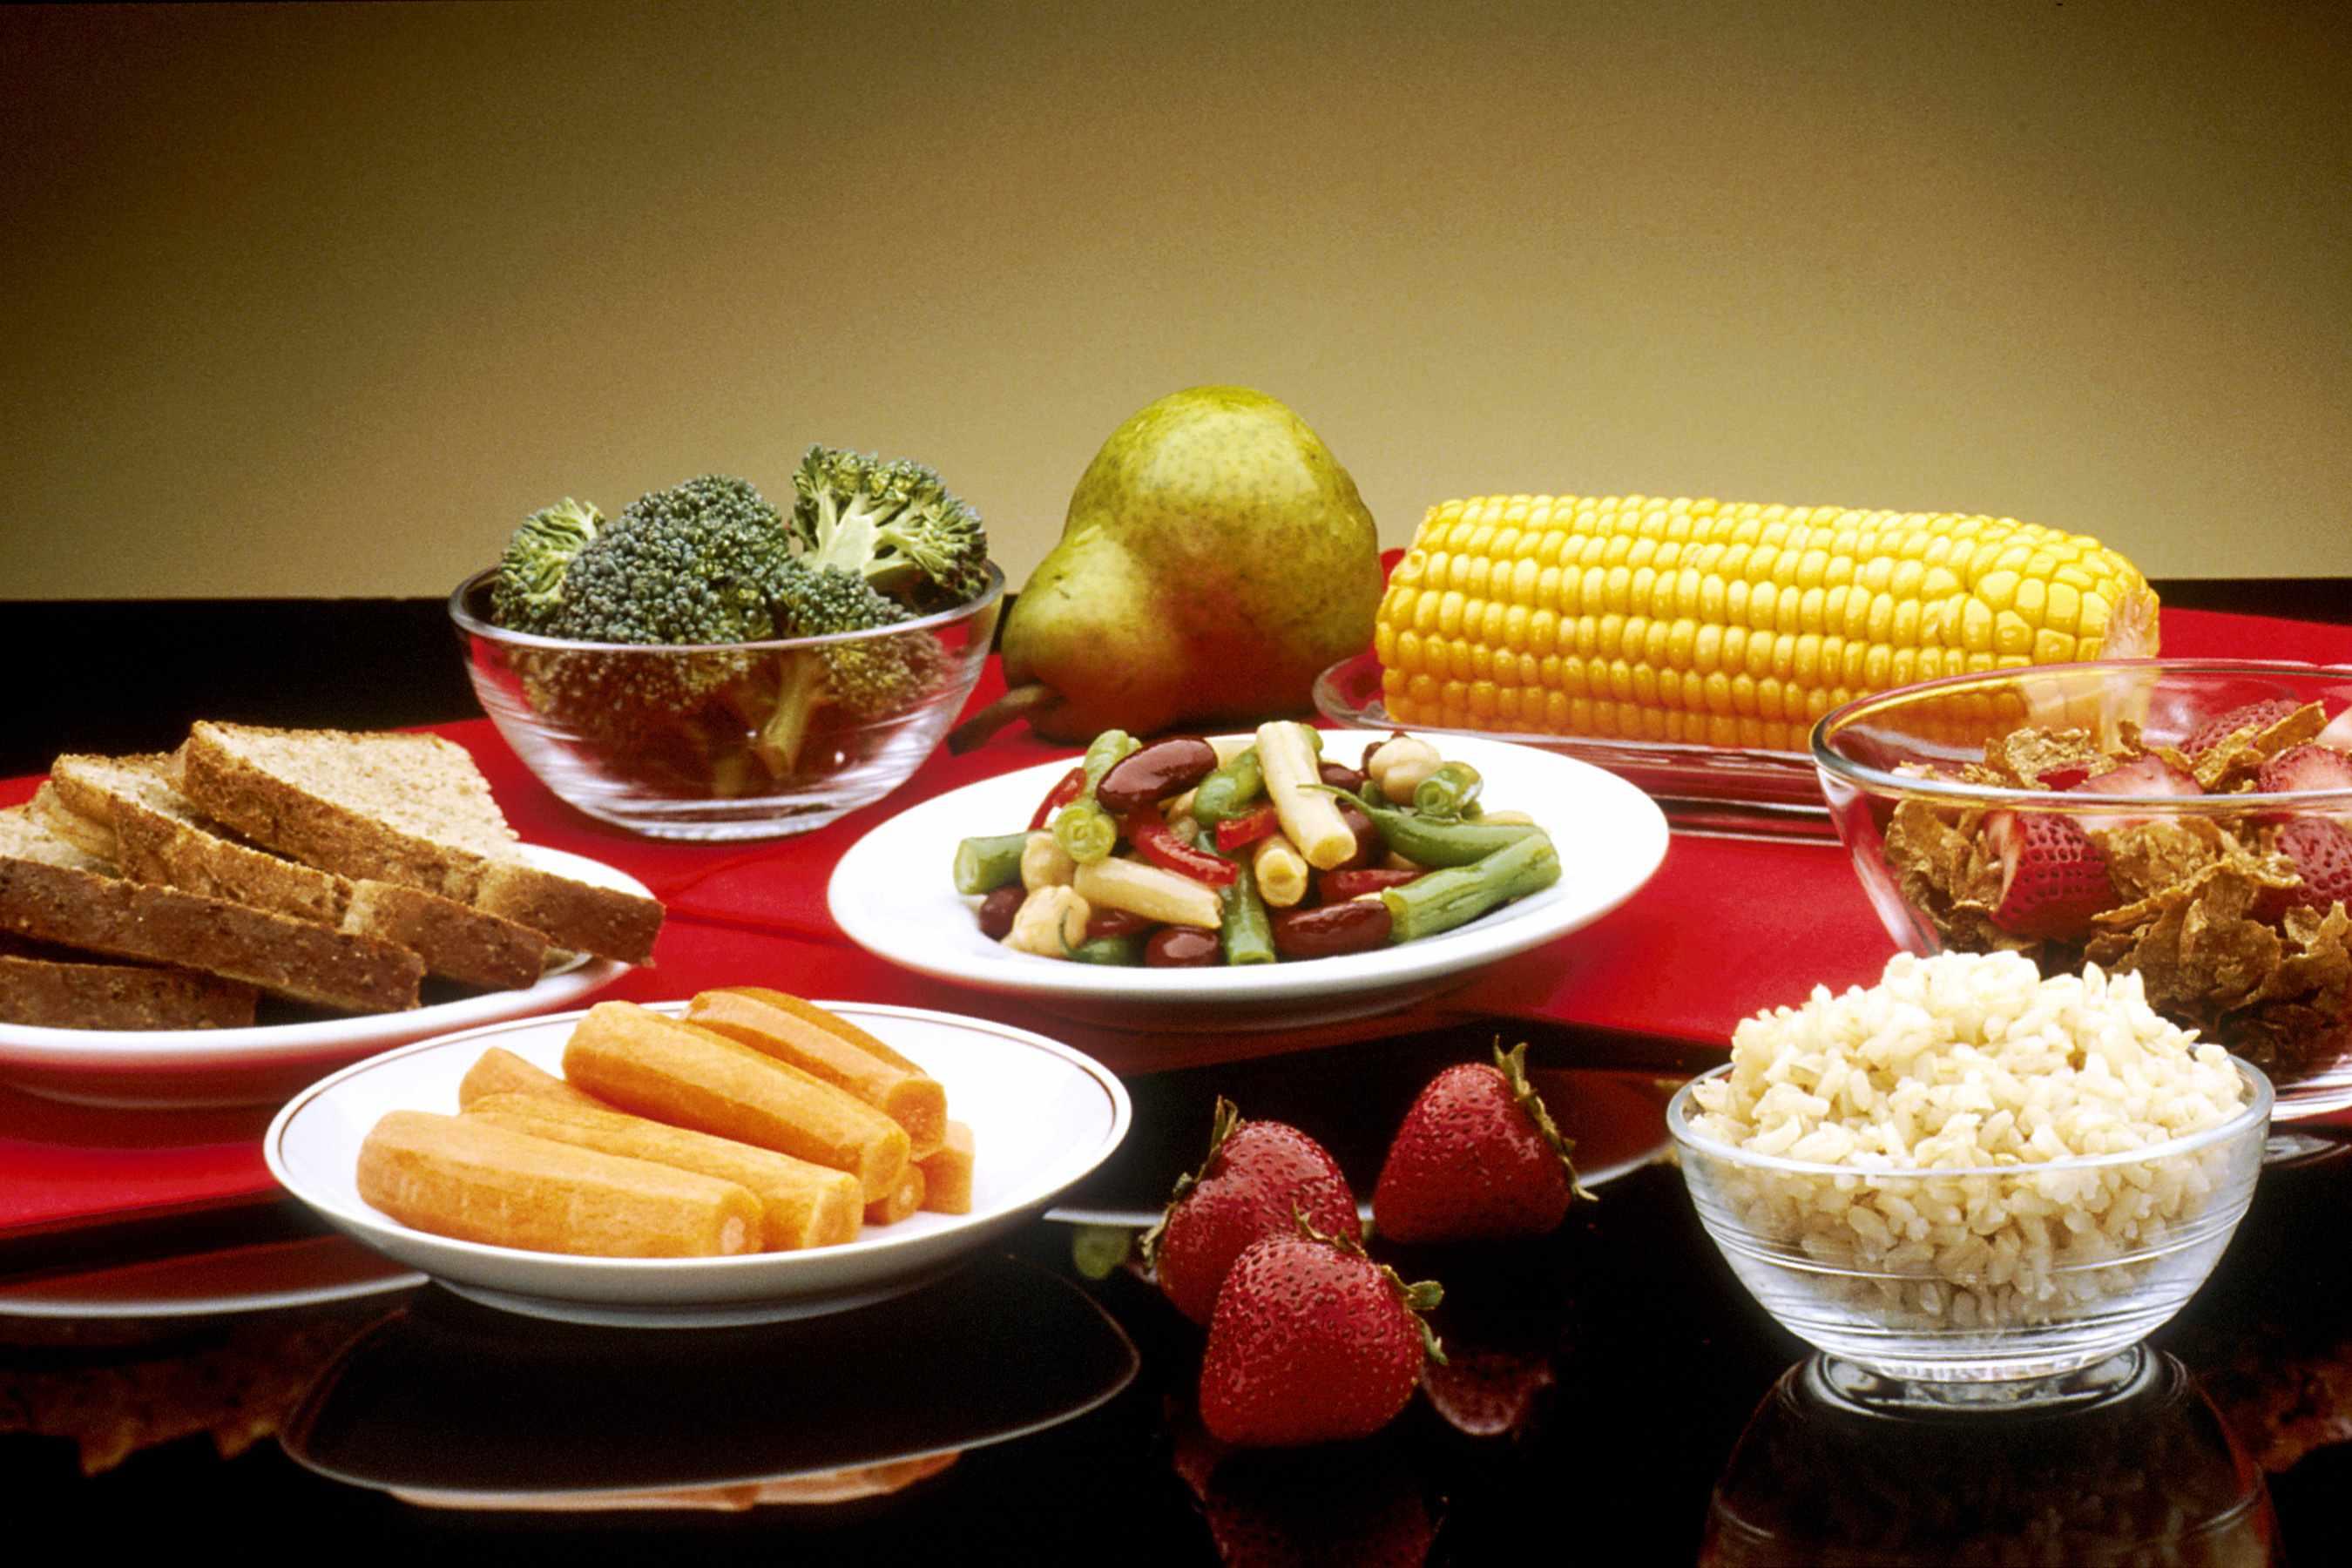 alimentazione vegetariana trieste udine dieta salutare benessere aiuto vi invitiamo alla presentazione del corso di alimentazione e cucina